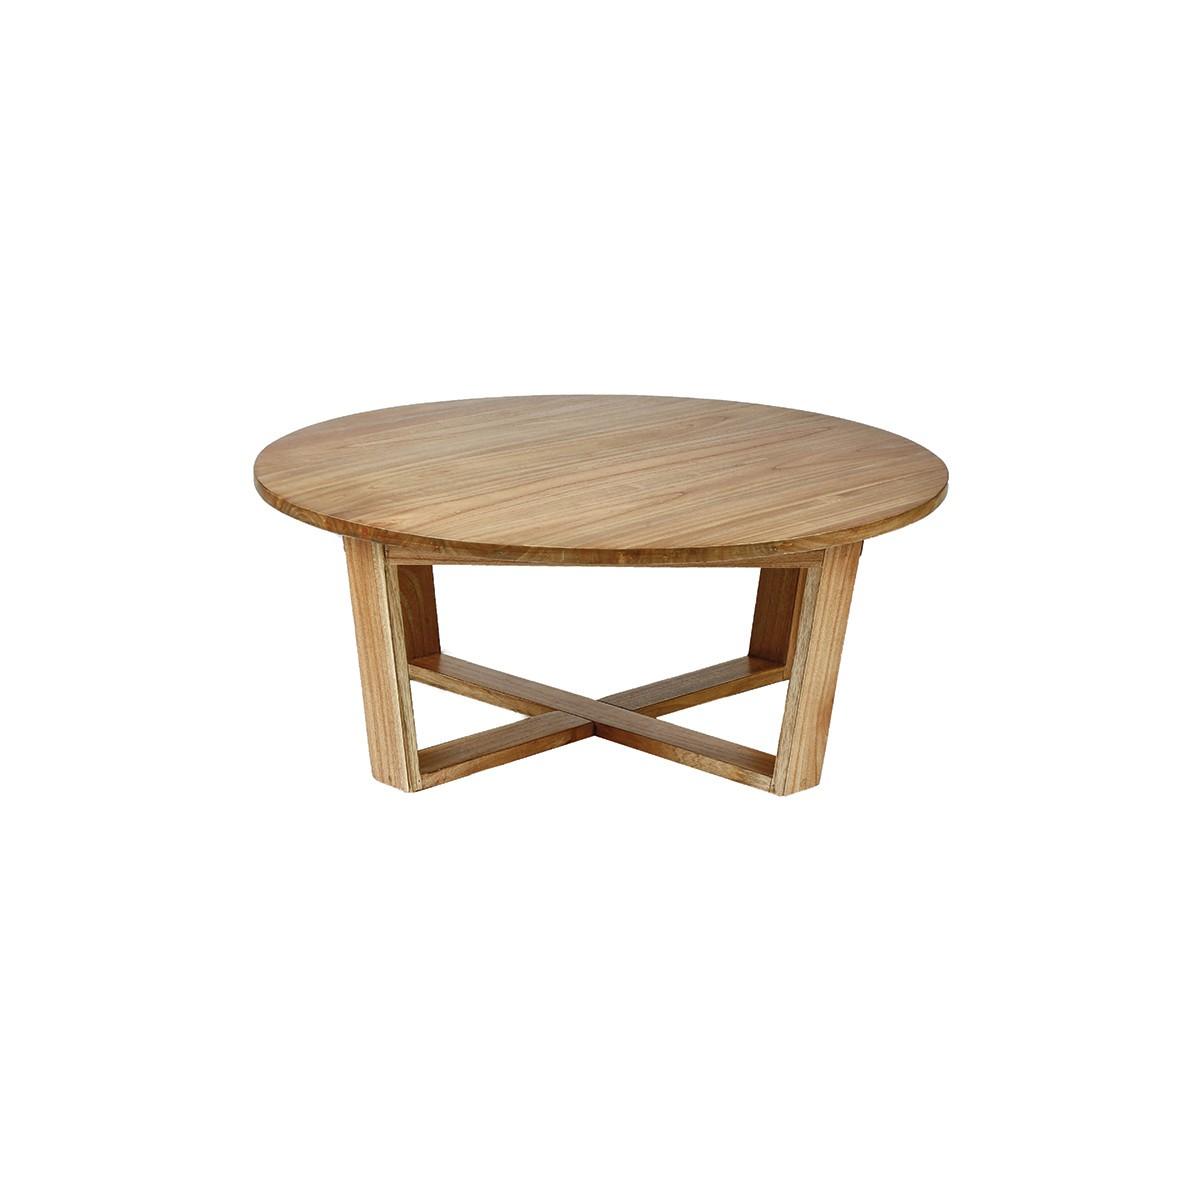 Table basse scandinave ronde en mindy